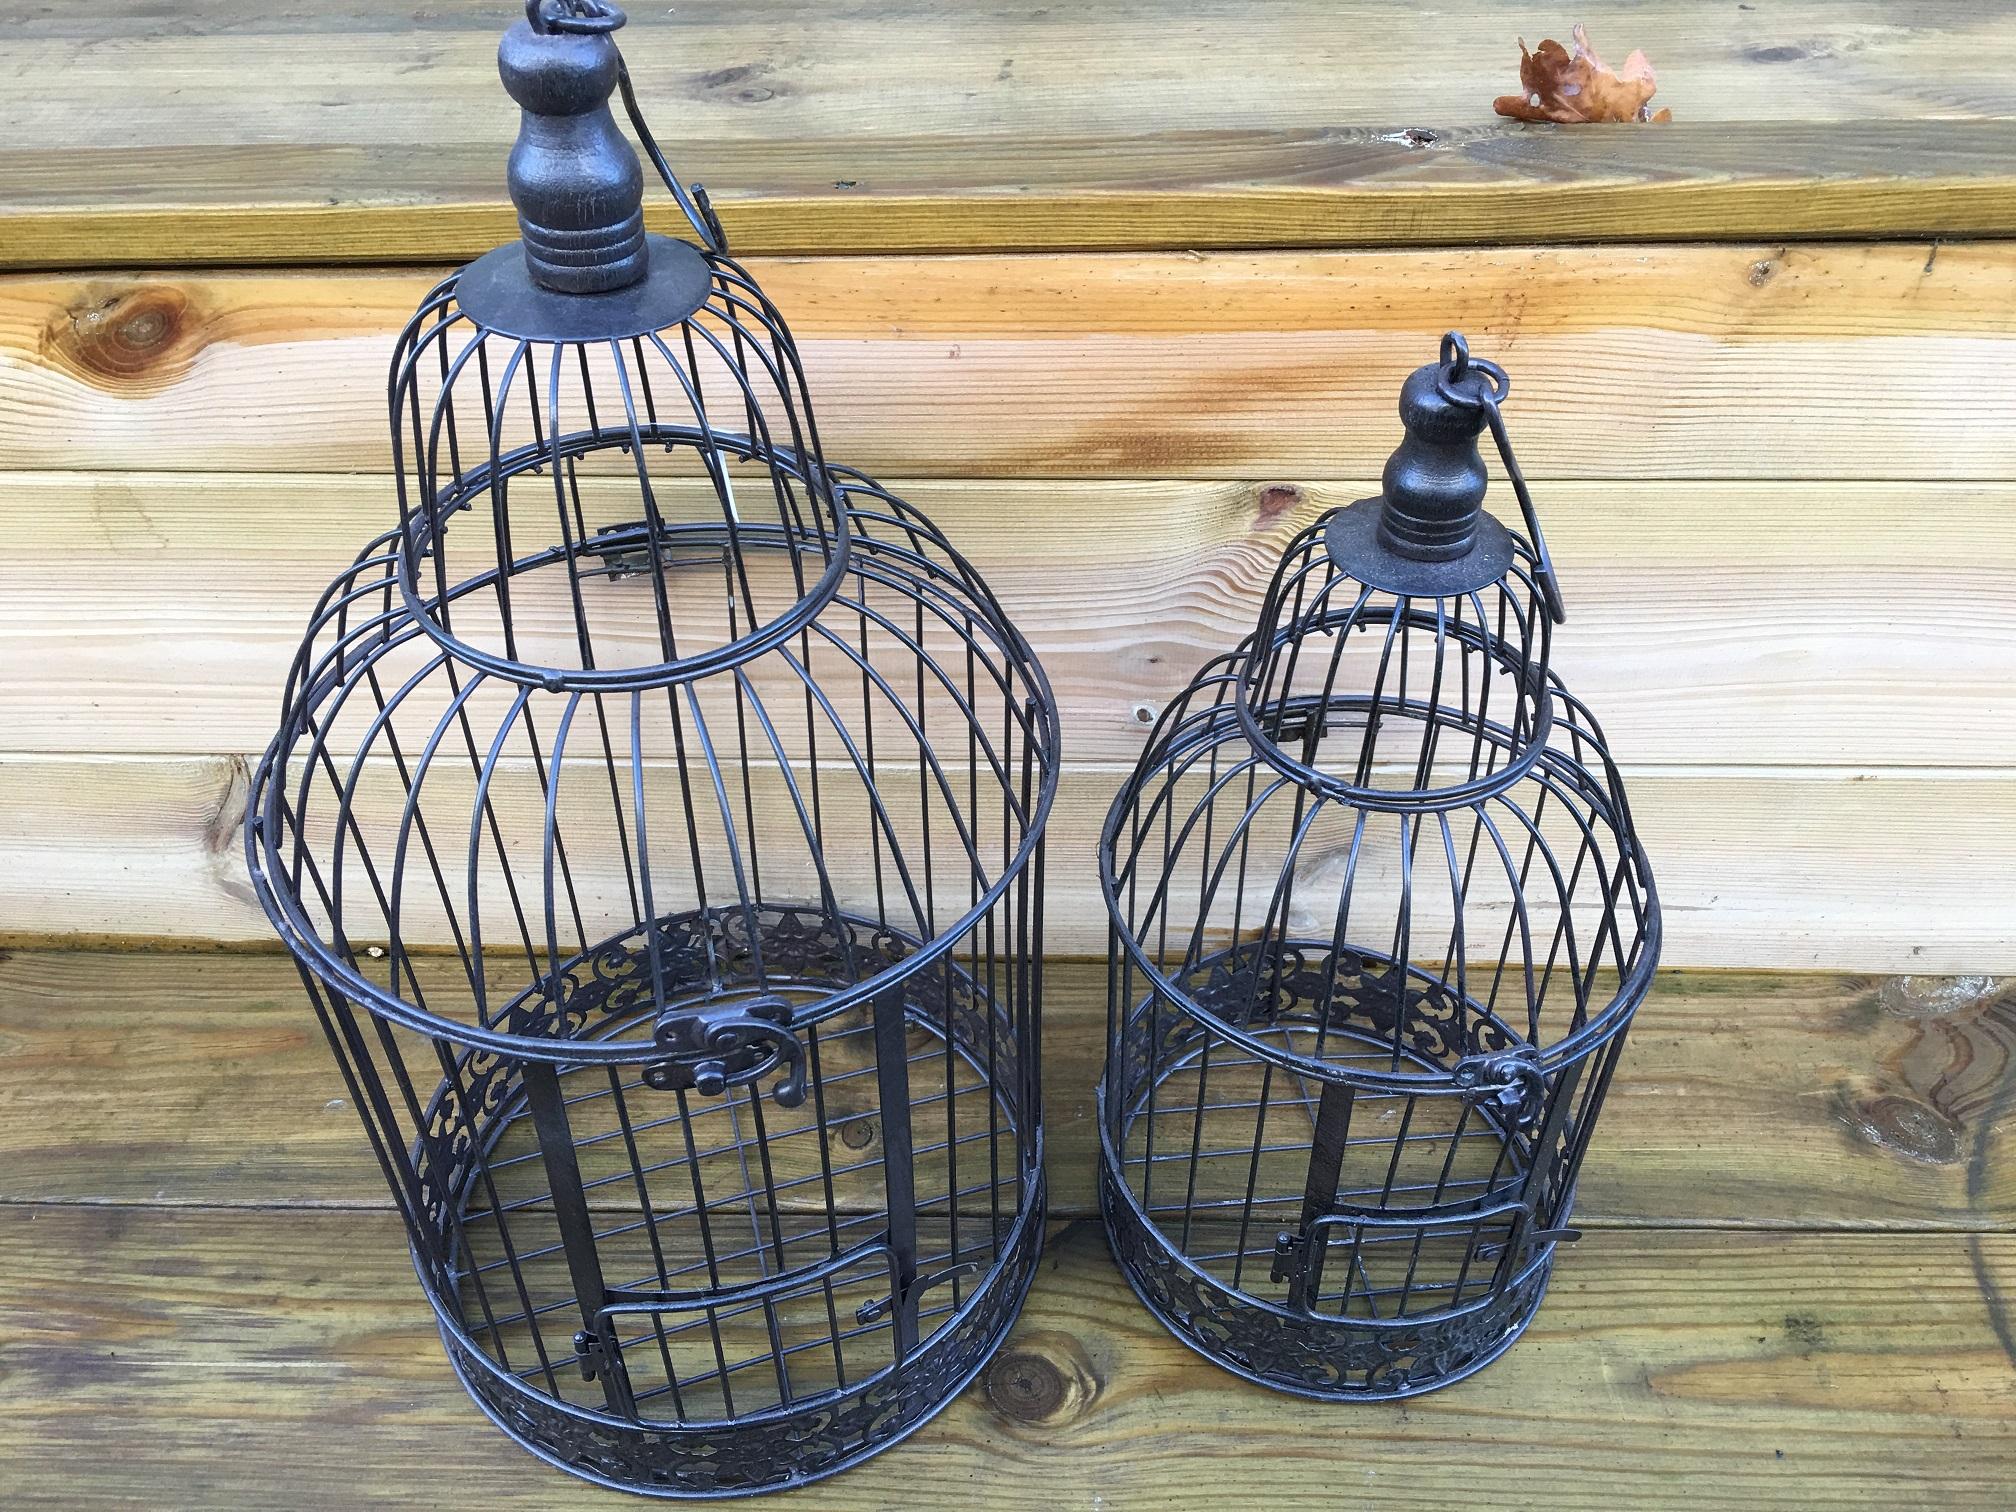 Vogelkooi In Huis : Lege vogelkooi geïsoleerd op wit u stockfoto gavran